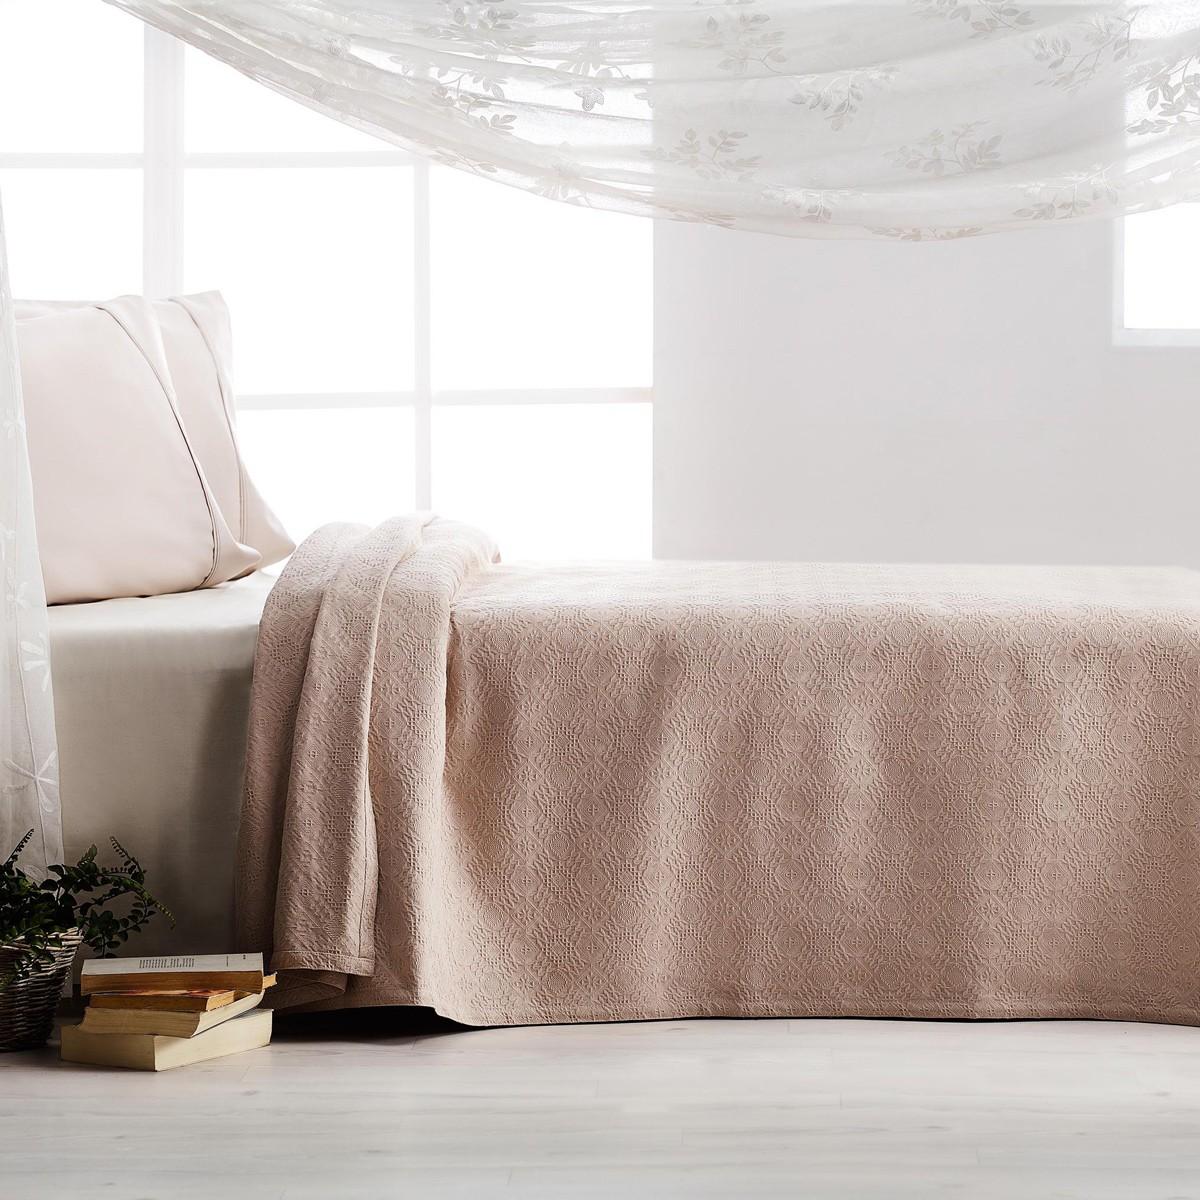 Κουβερτόριο Υπέρδιπλο Gofis Home Tenzin Beige 284/13 home   κρεβατοκάμαρα   κουβέρτες   κουβέρτες καλοκαιρινές υπέρδιπλες